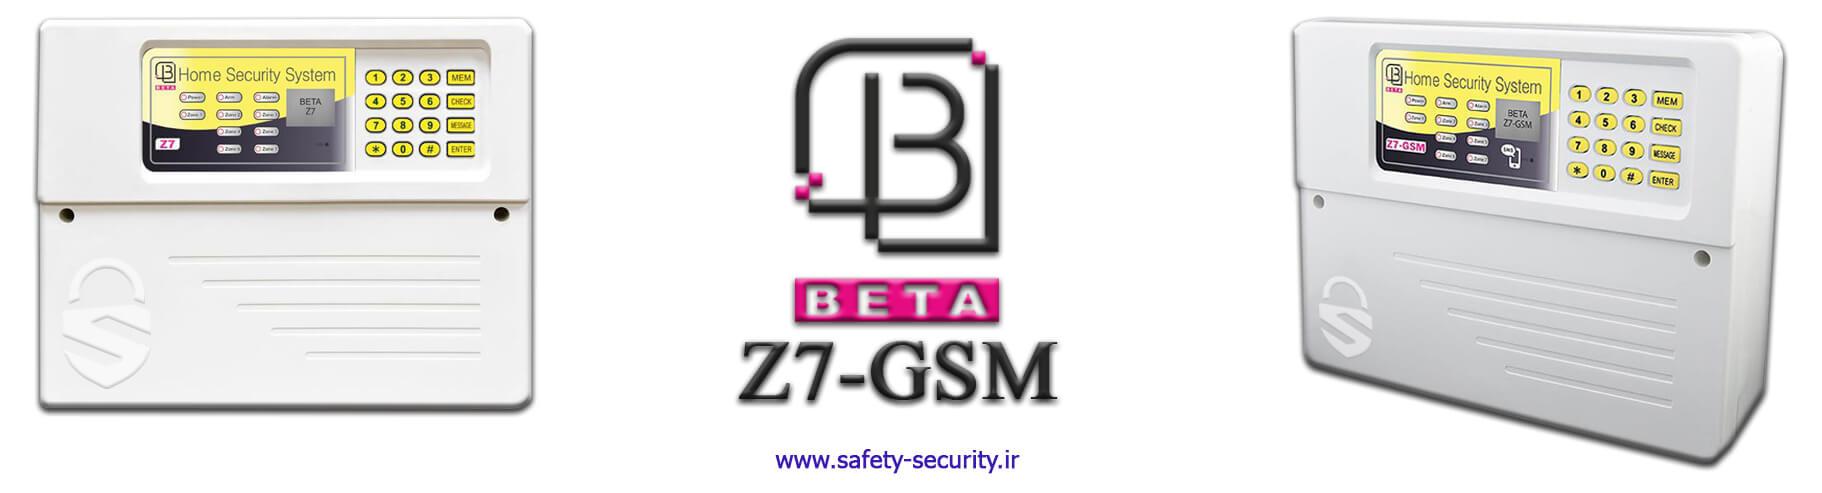 معرفی و نحوه عملکرد دزدگیر اماکن بتا مدل Z7-GSM